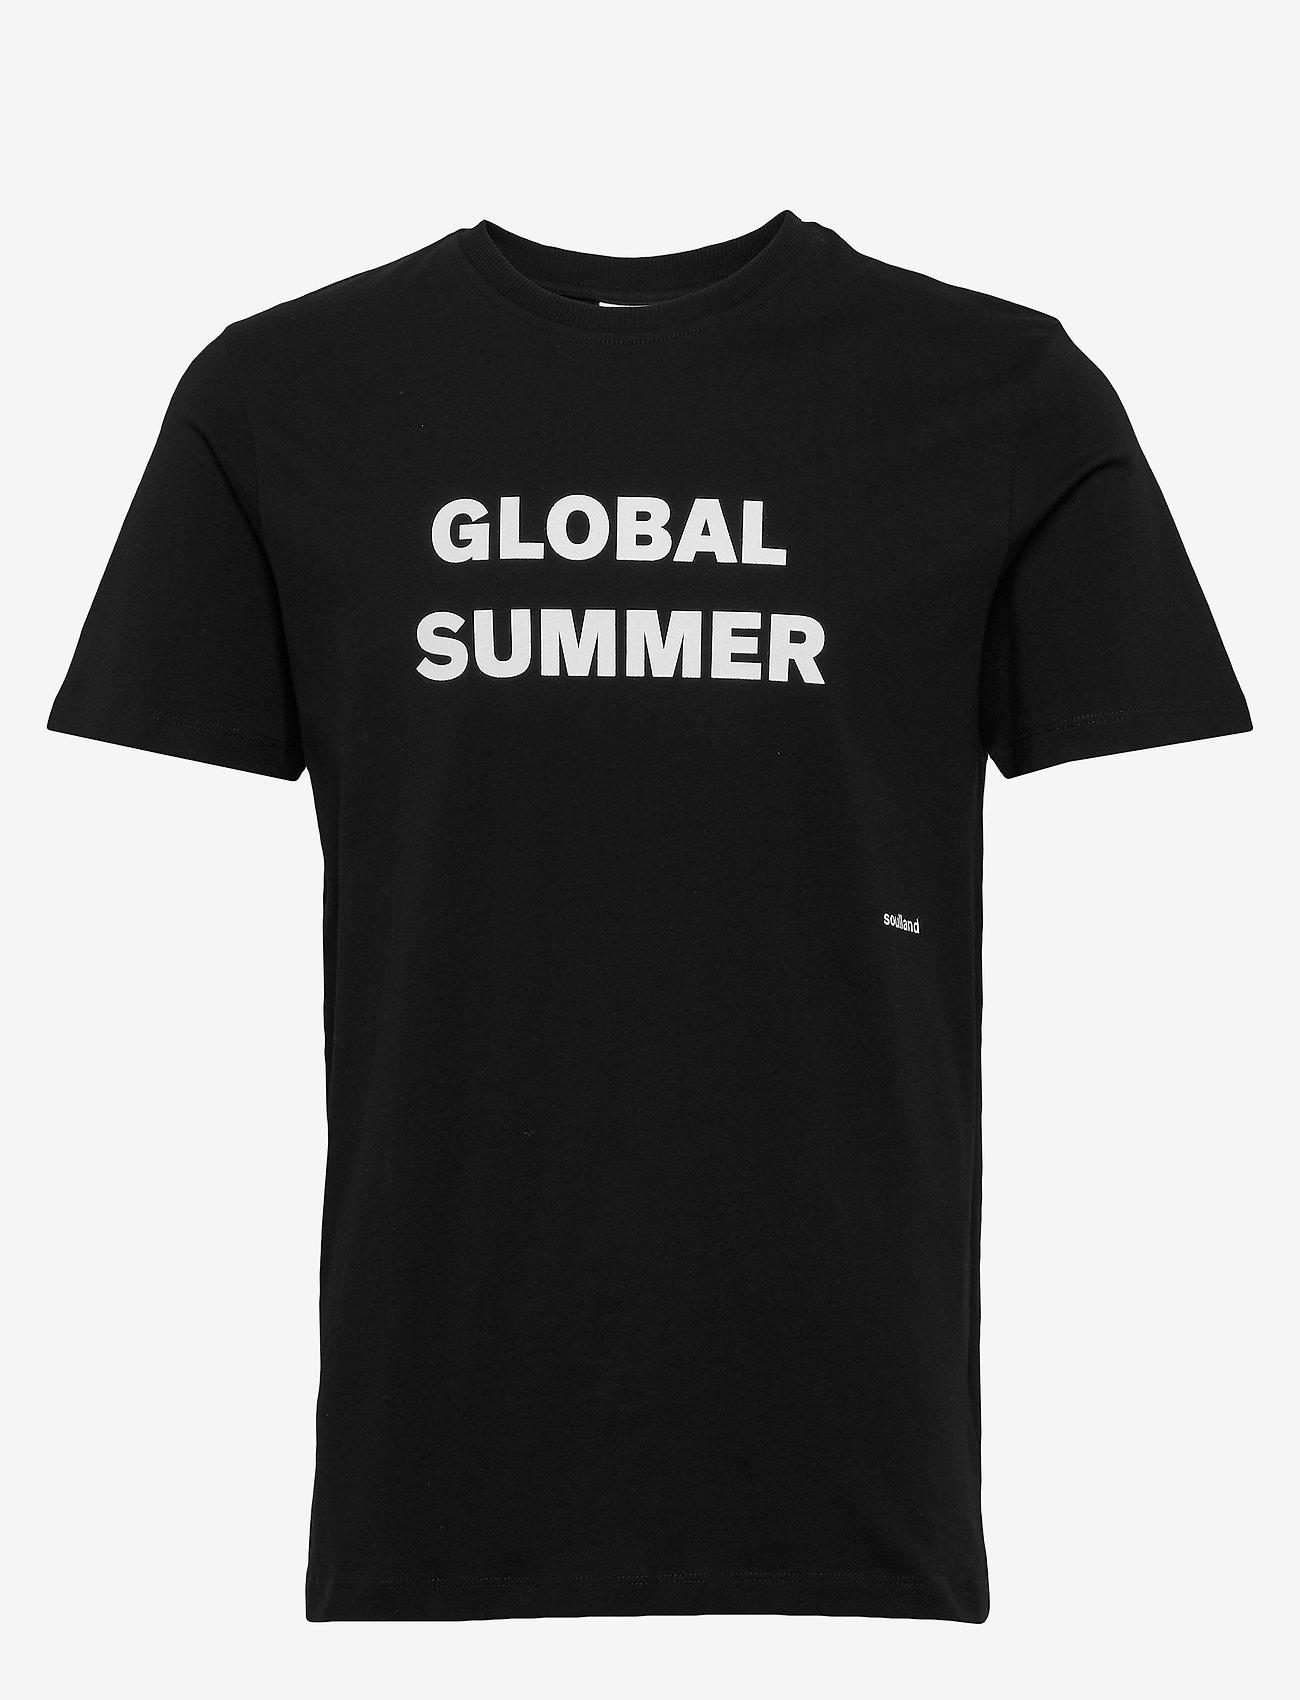 Soulland - LOGIC DRUX T-SHIRT W.PRINT - t-shirts - black